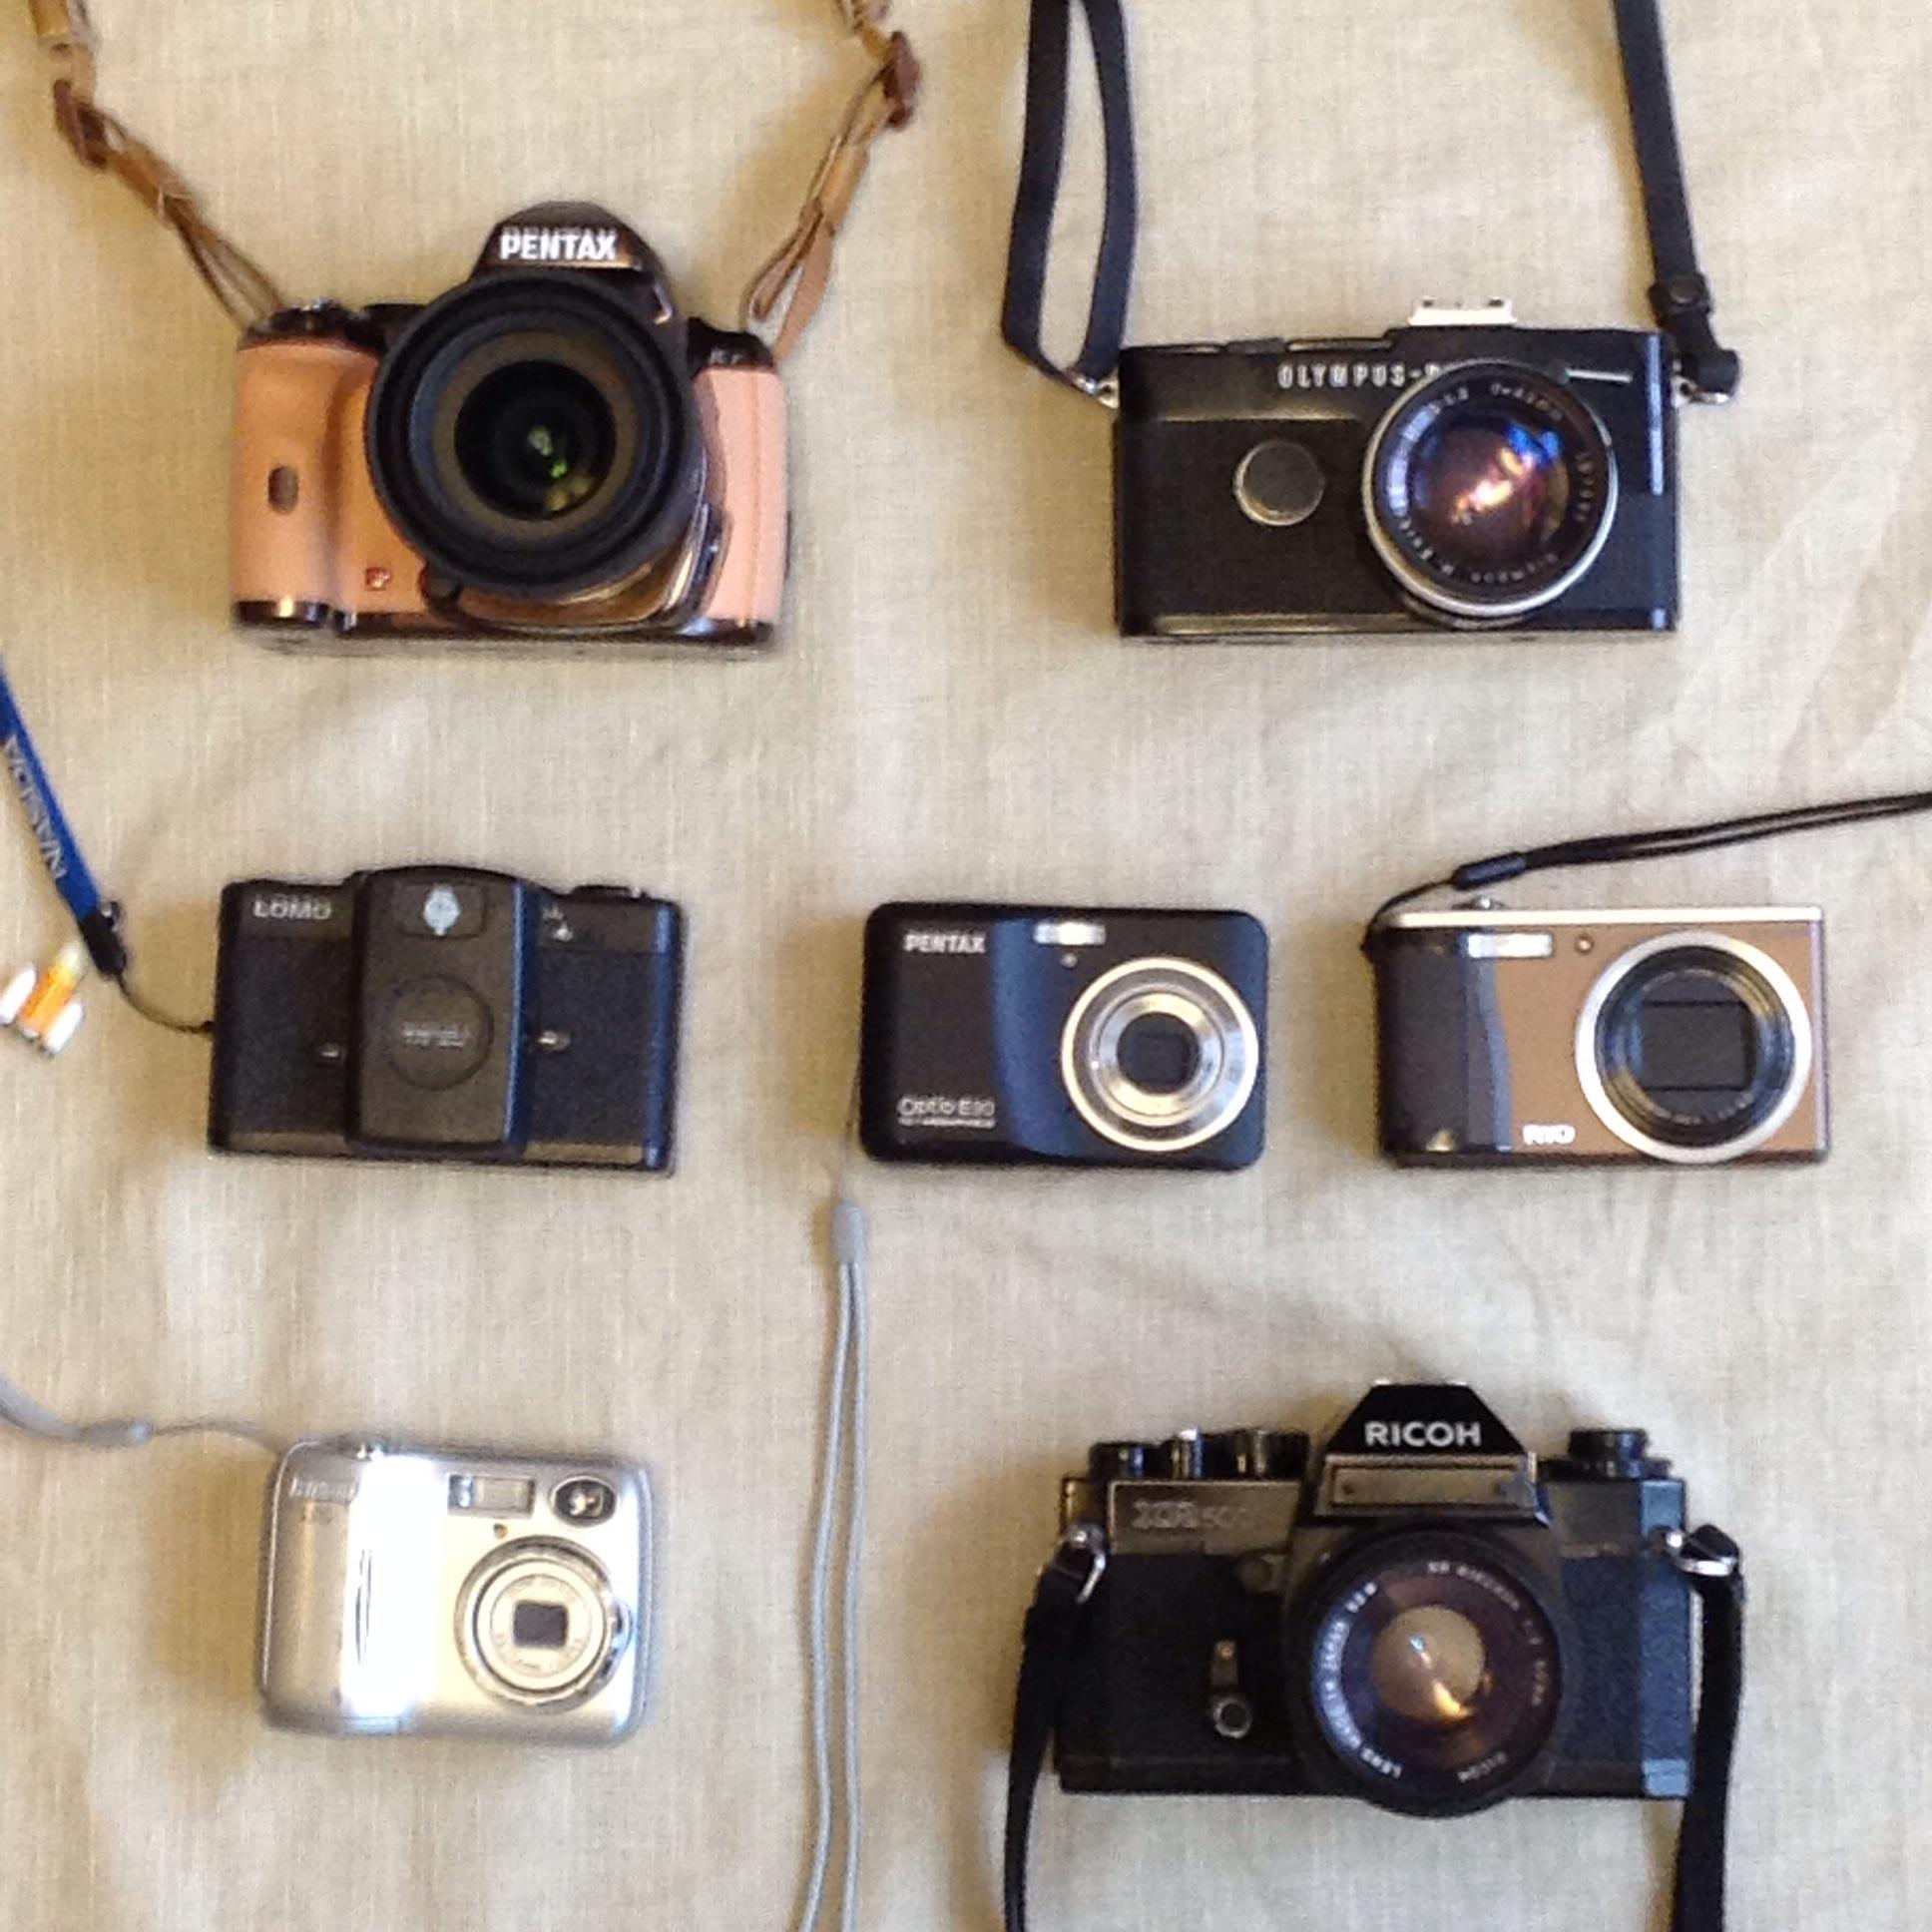 手持ちのカメラを集合させてみた。